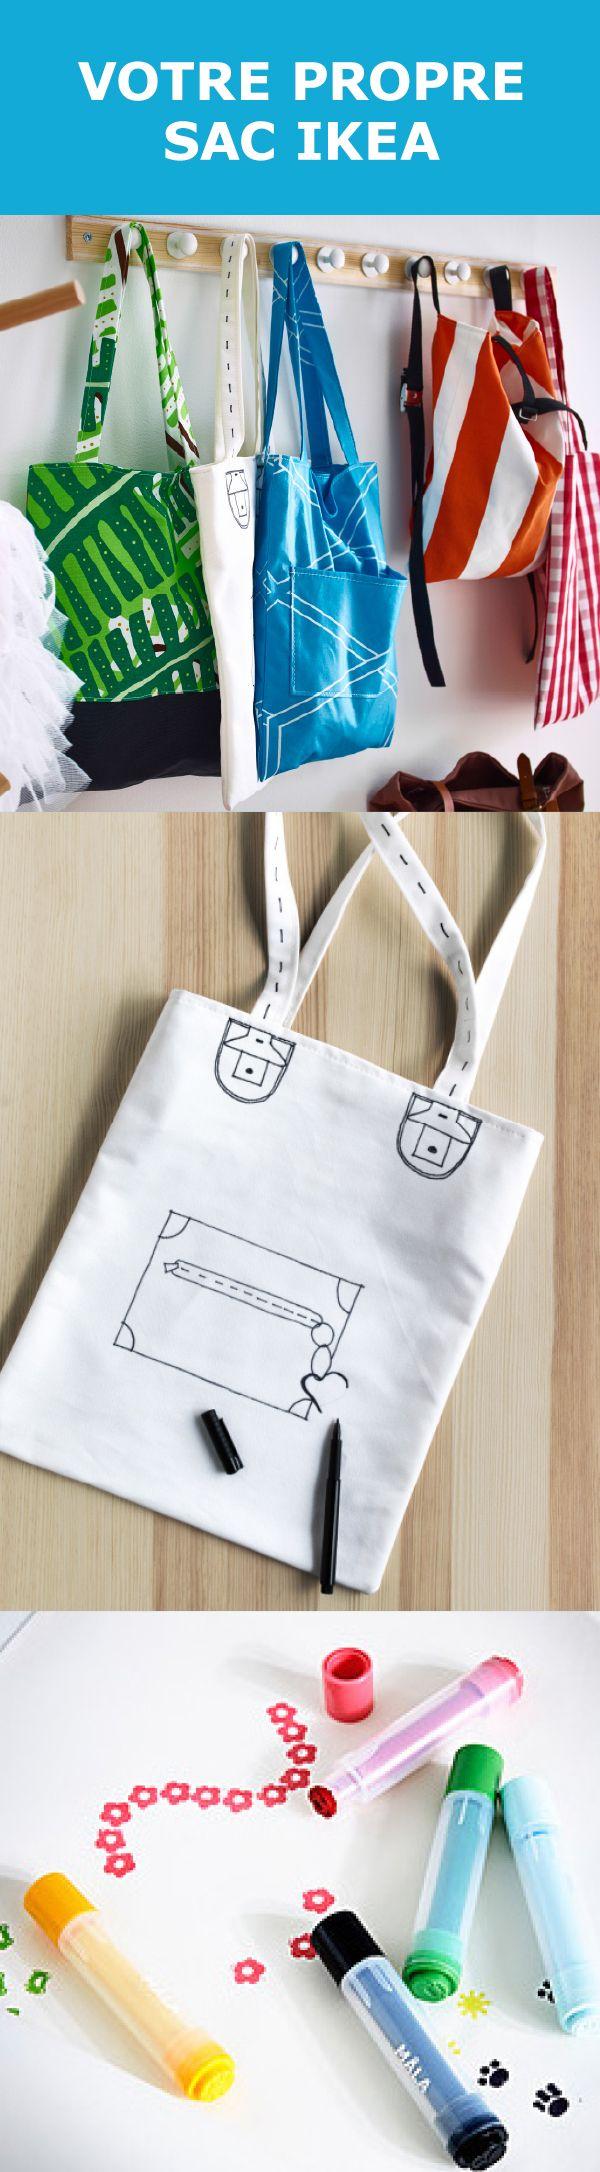 À faire soi-même : un sac génial. Matériel requis : tissus IKEA. Touche personnelle : jolis dessins au marqueur ou au tampon textile.